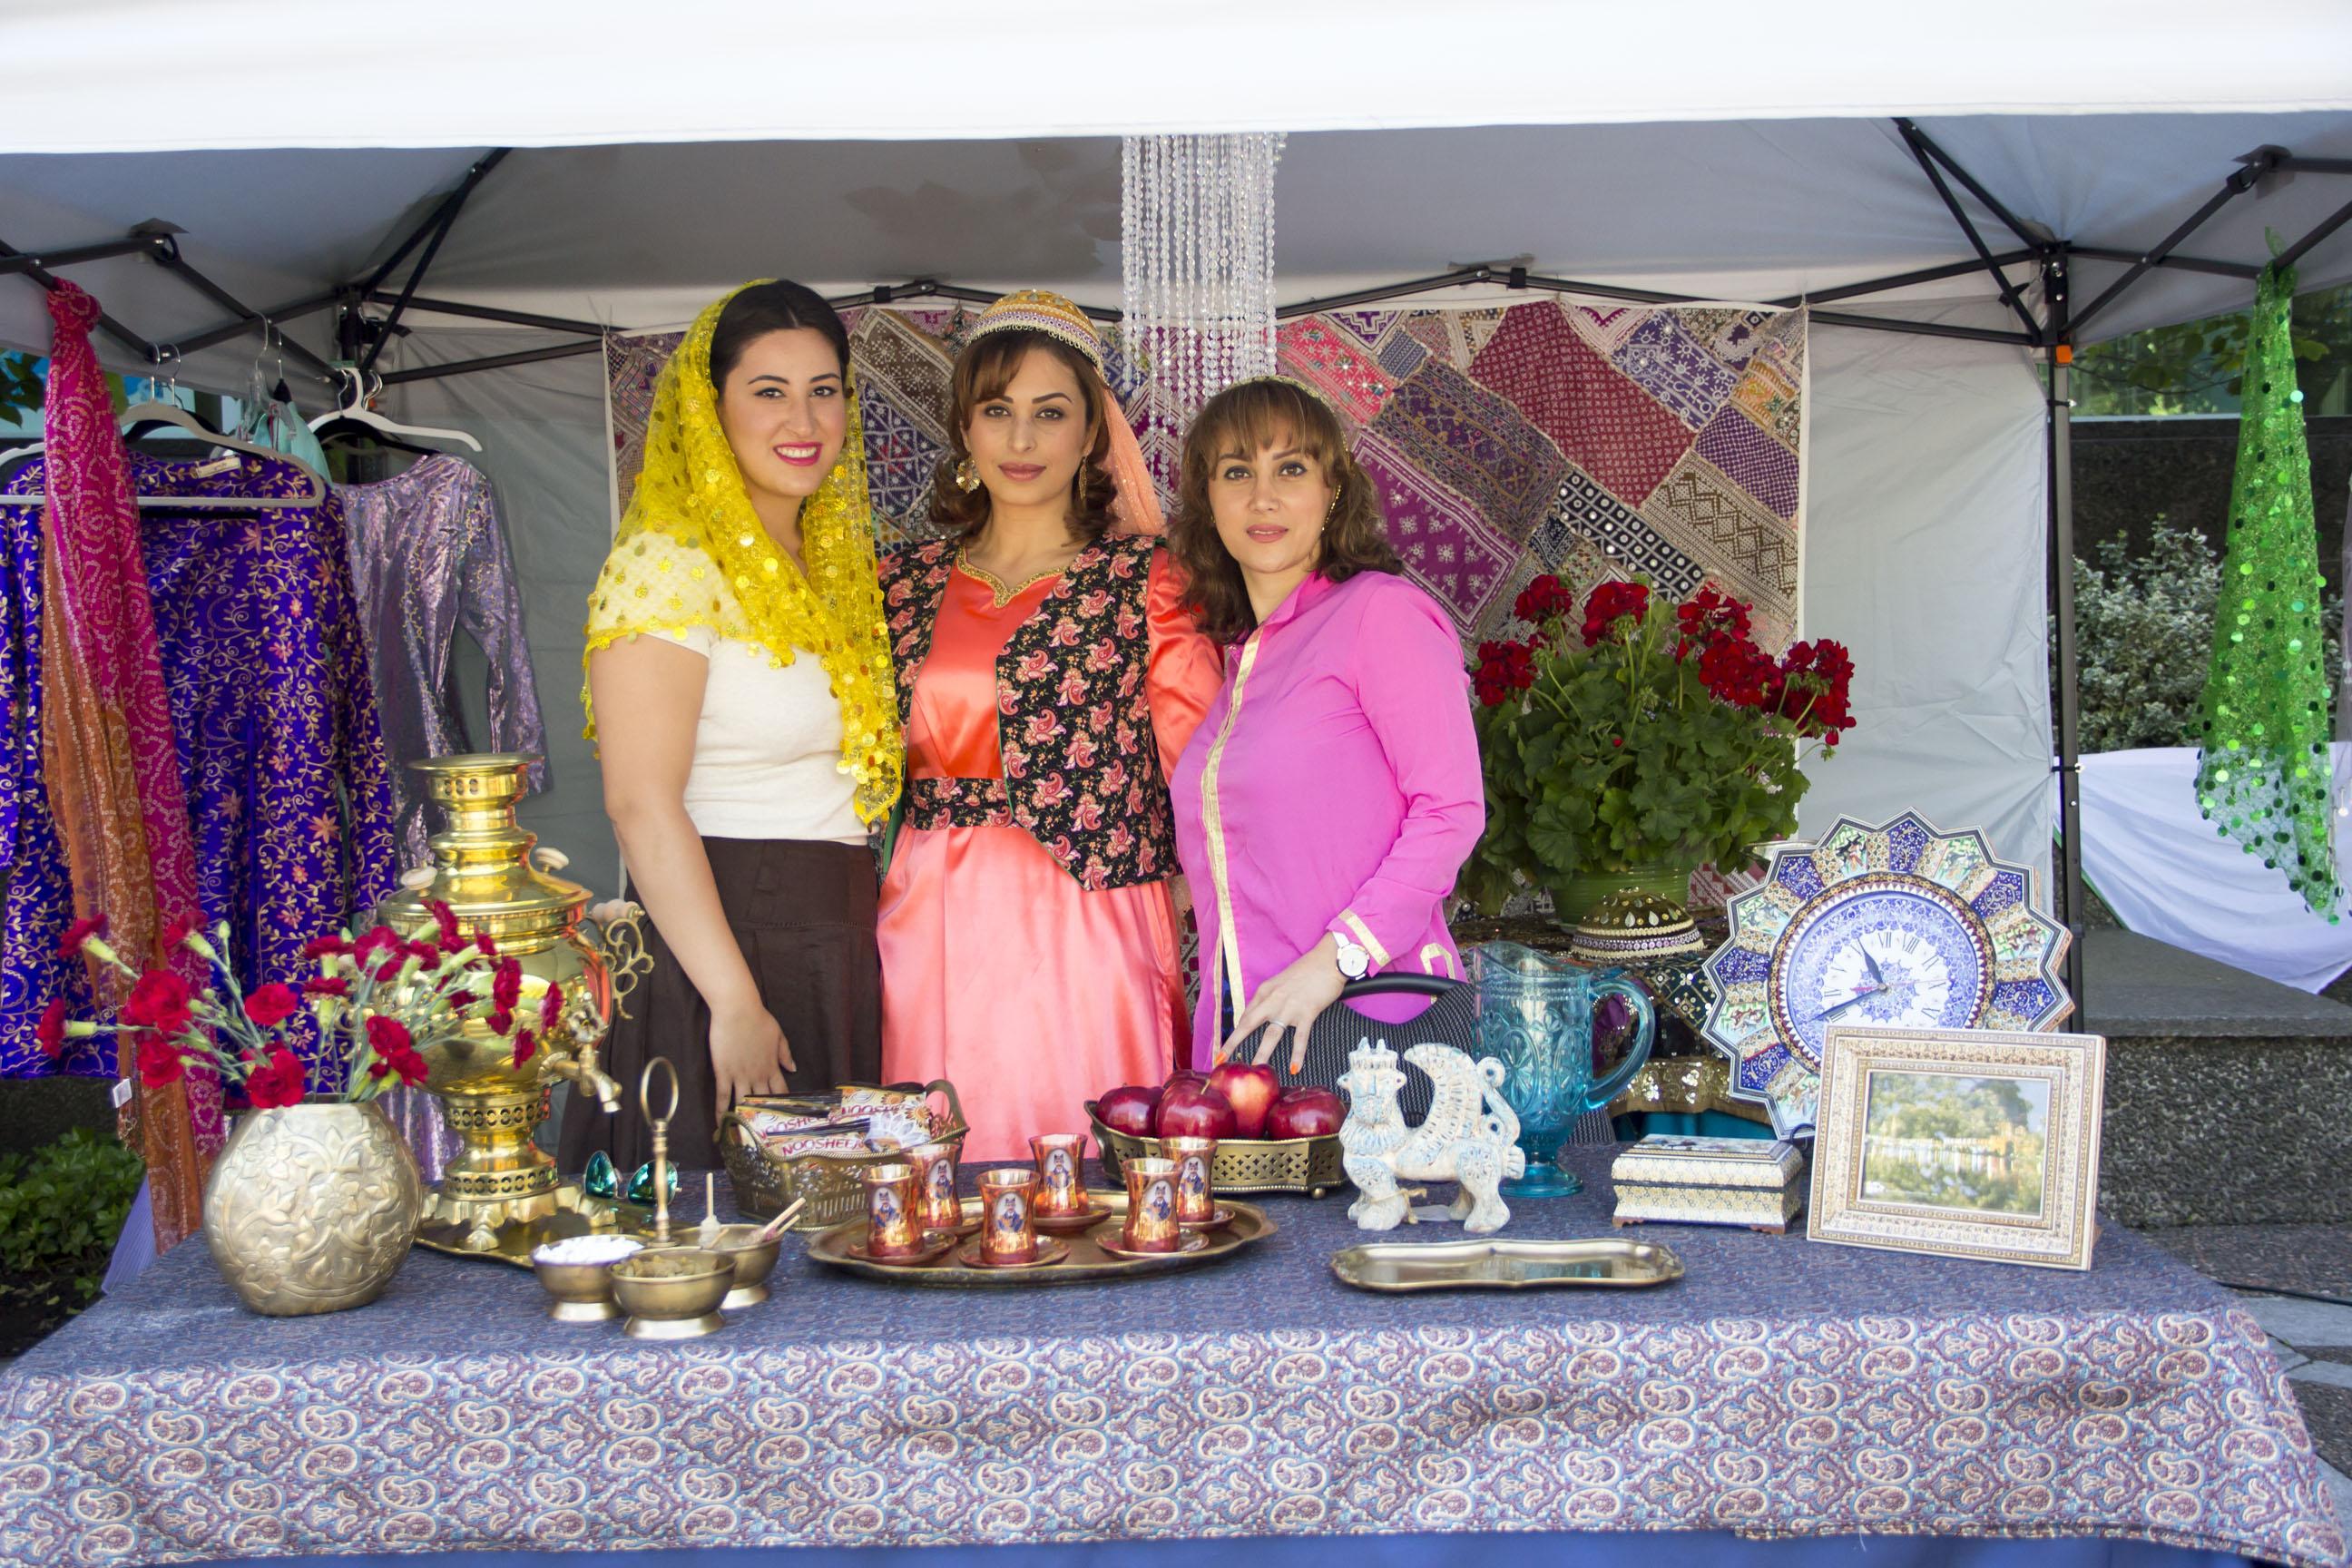 Nahal, Maryam, Fahimeh